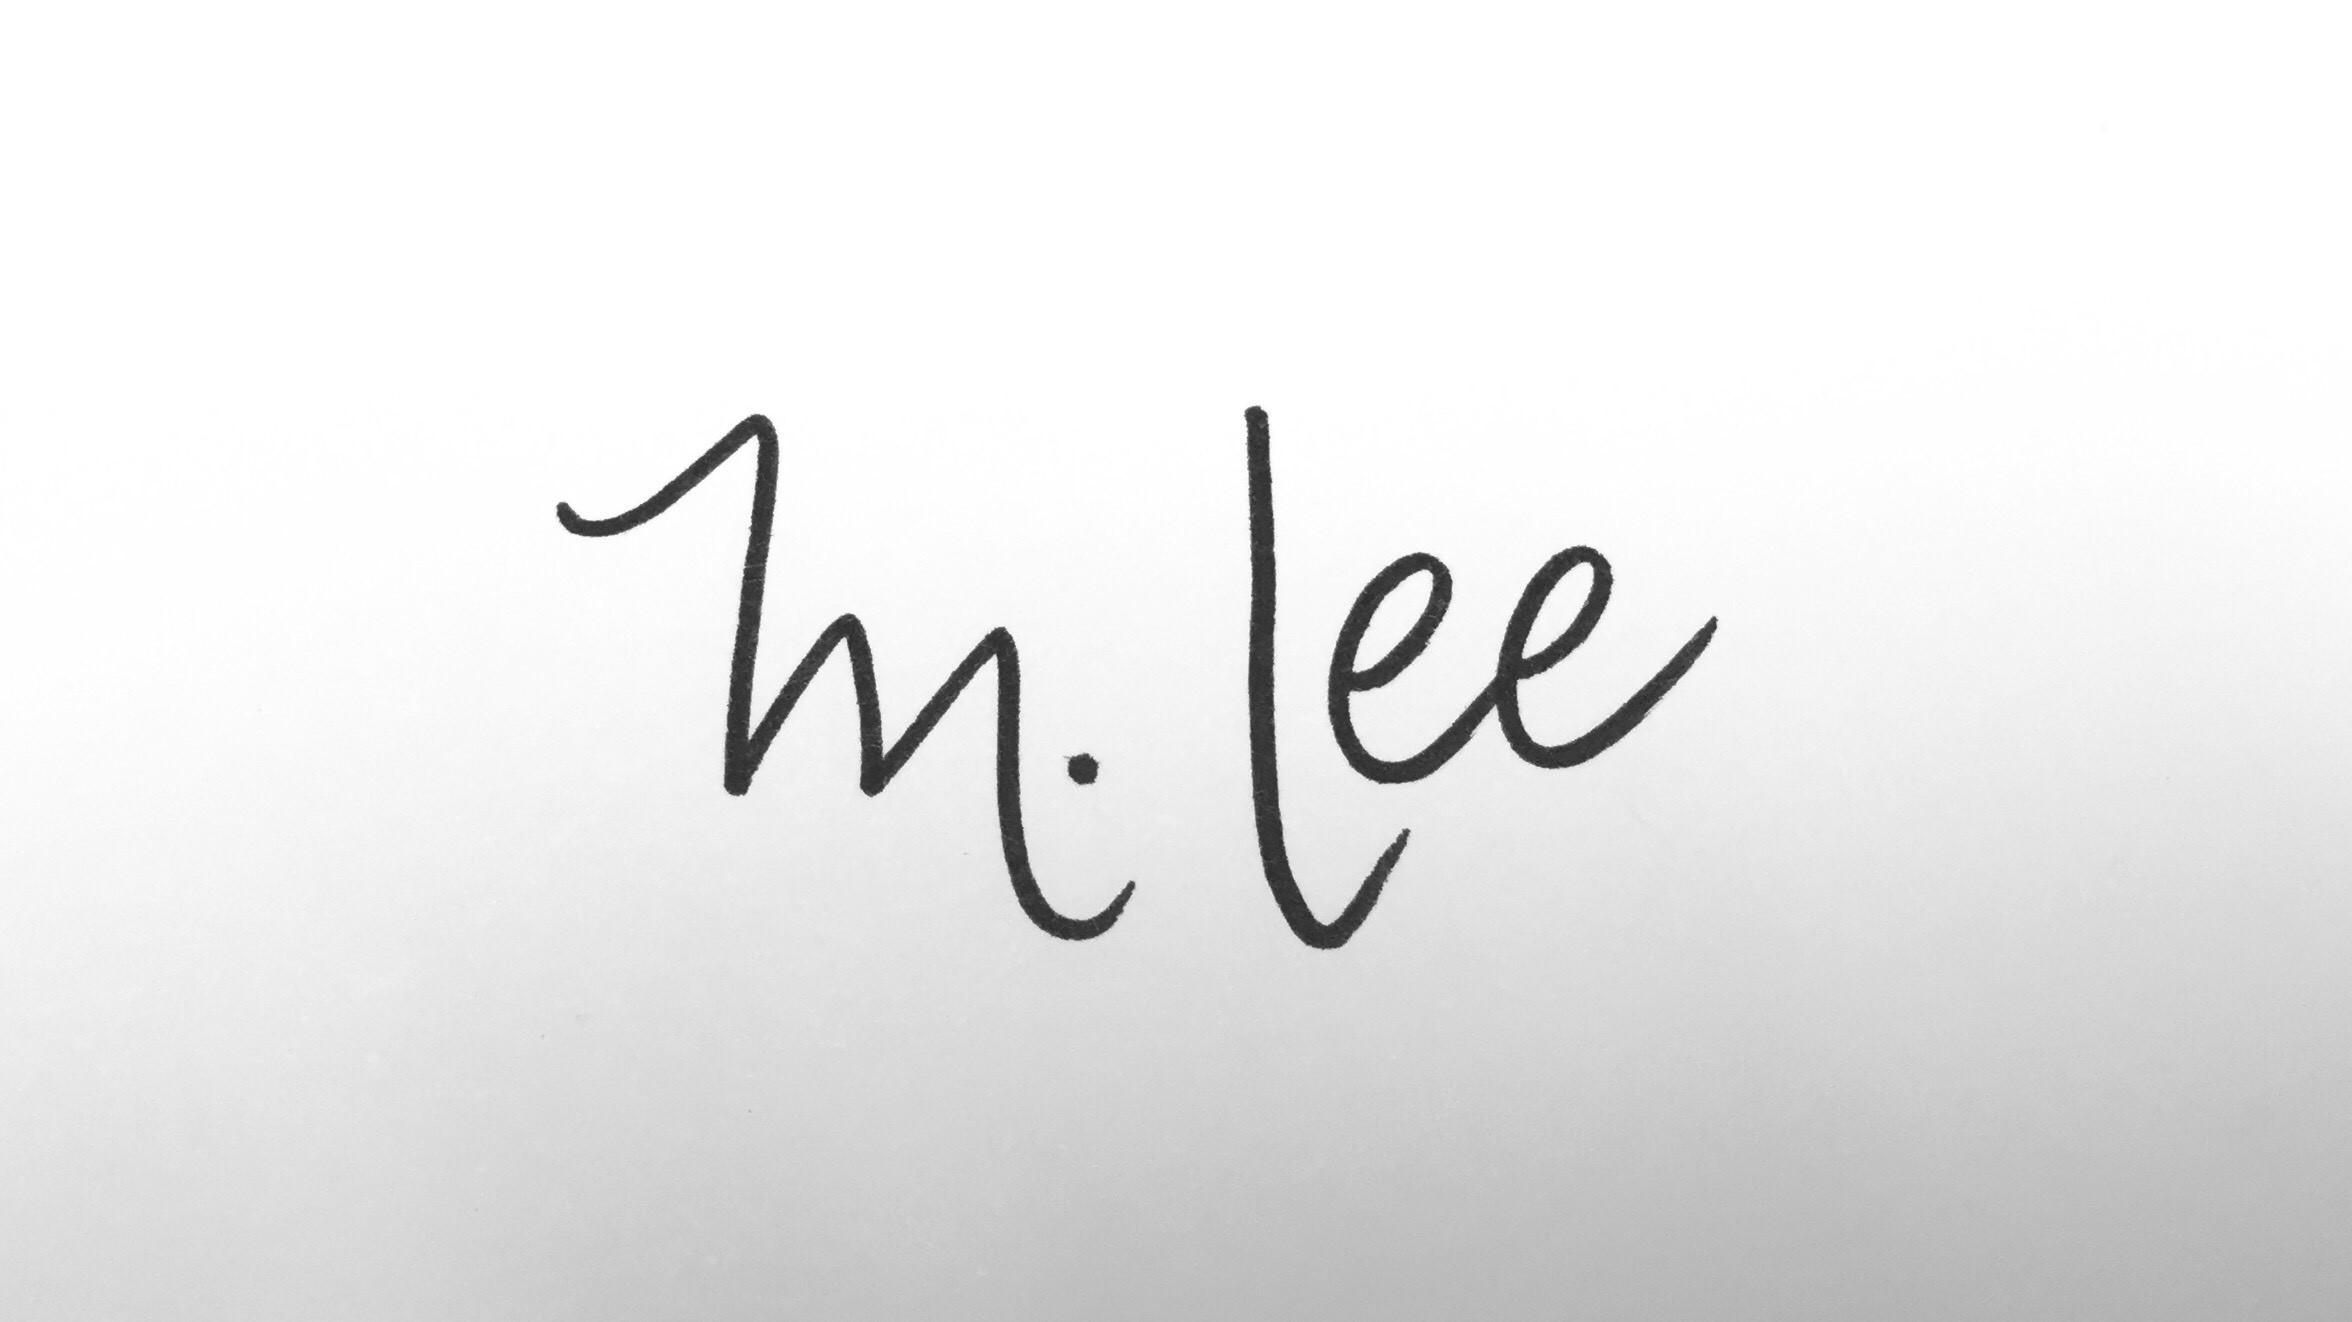 Melissa Lee's Signature